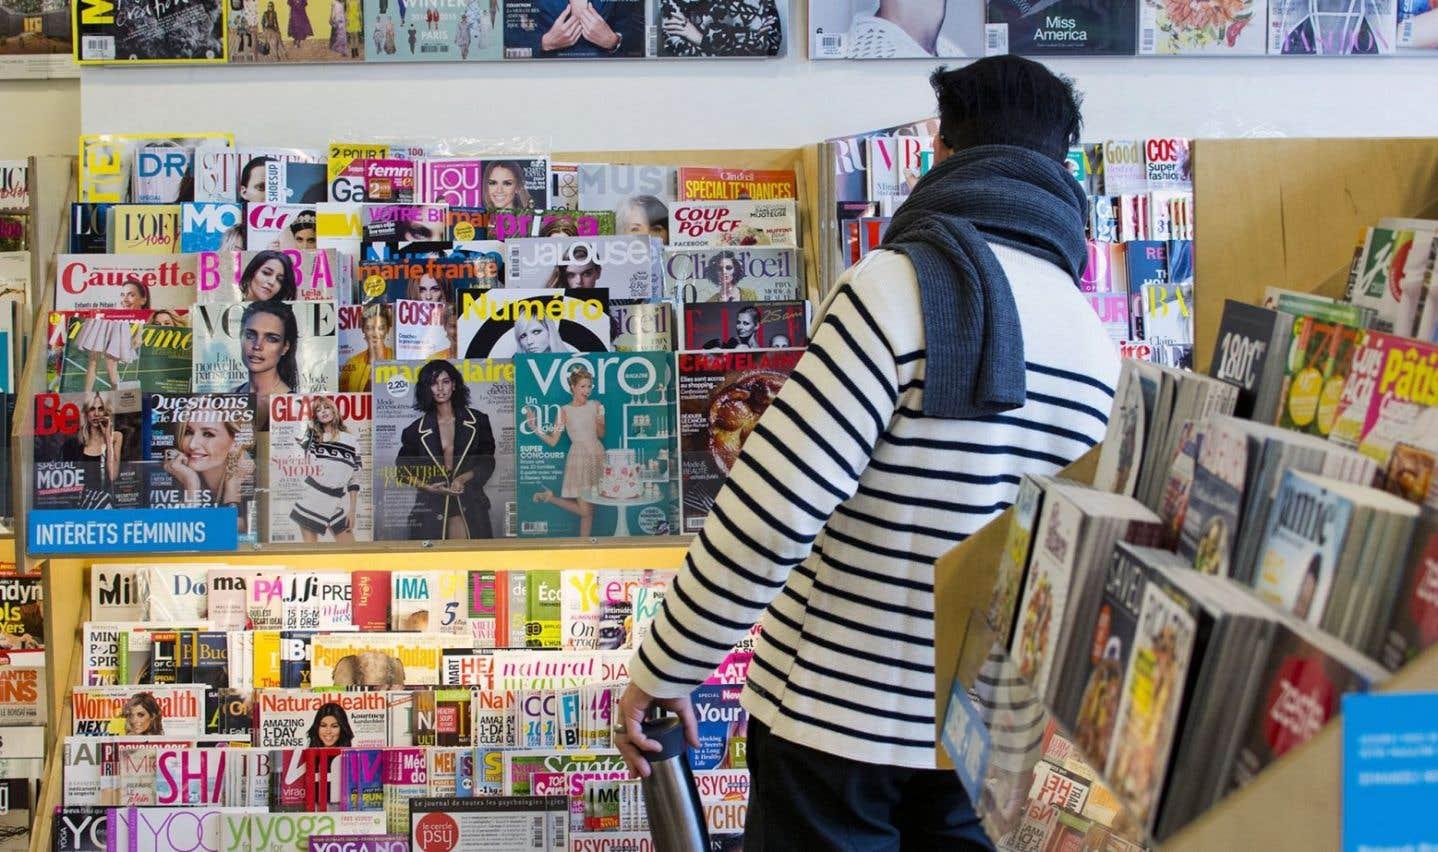 Deux autres Renaud-Bray cessent la vente de magazines